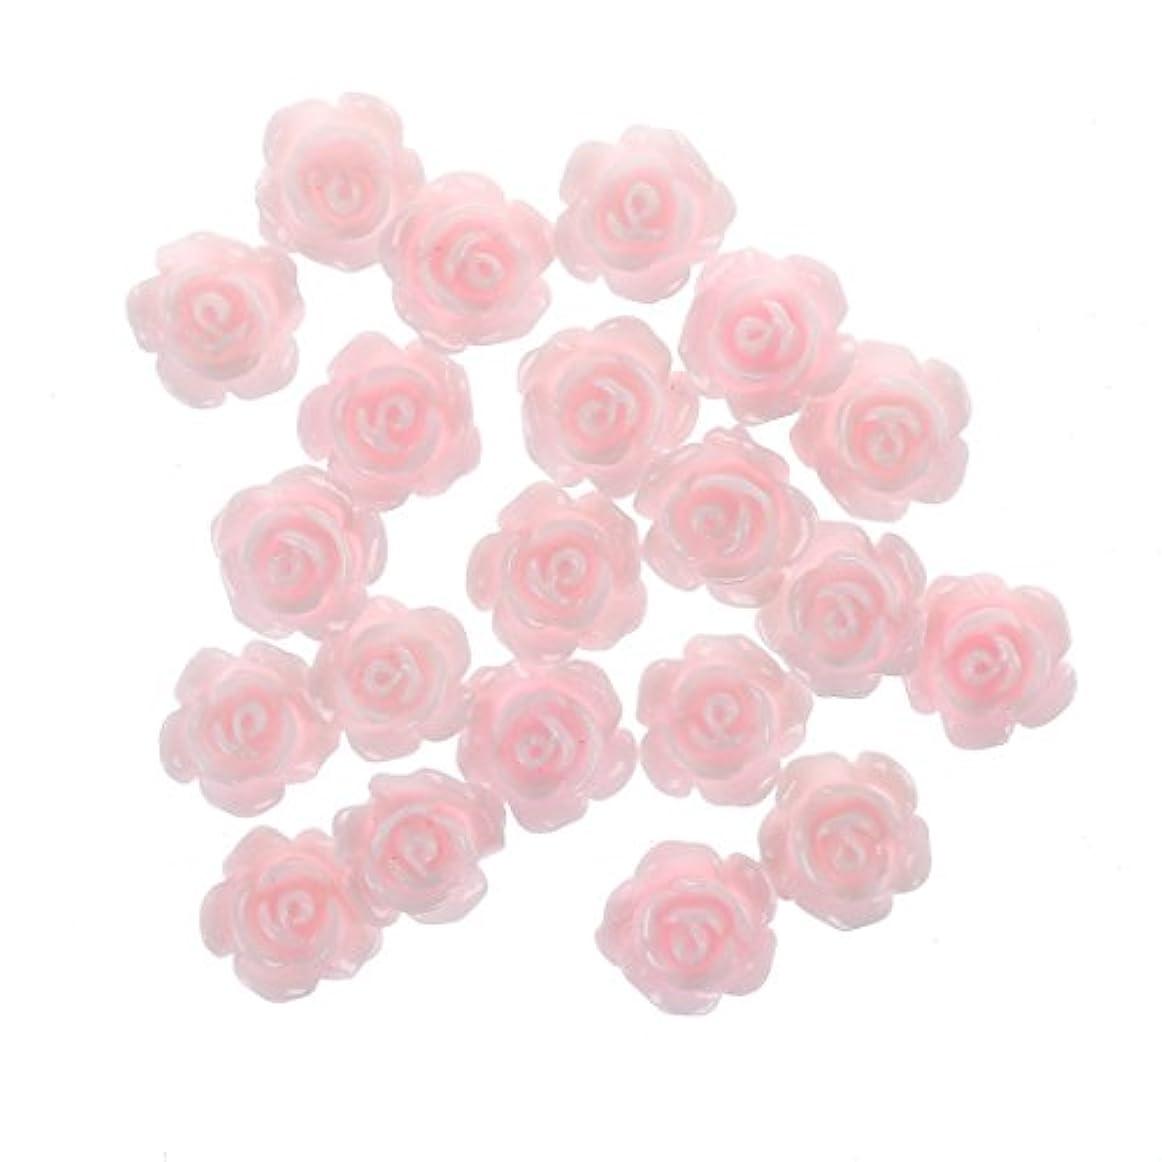 折る過去グリースネイルアート,SODIAL(R)20x3Dピンクの小さいバラ ラインストーン付きネイルアート装飾